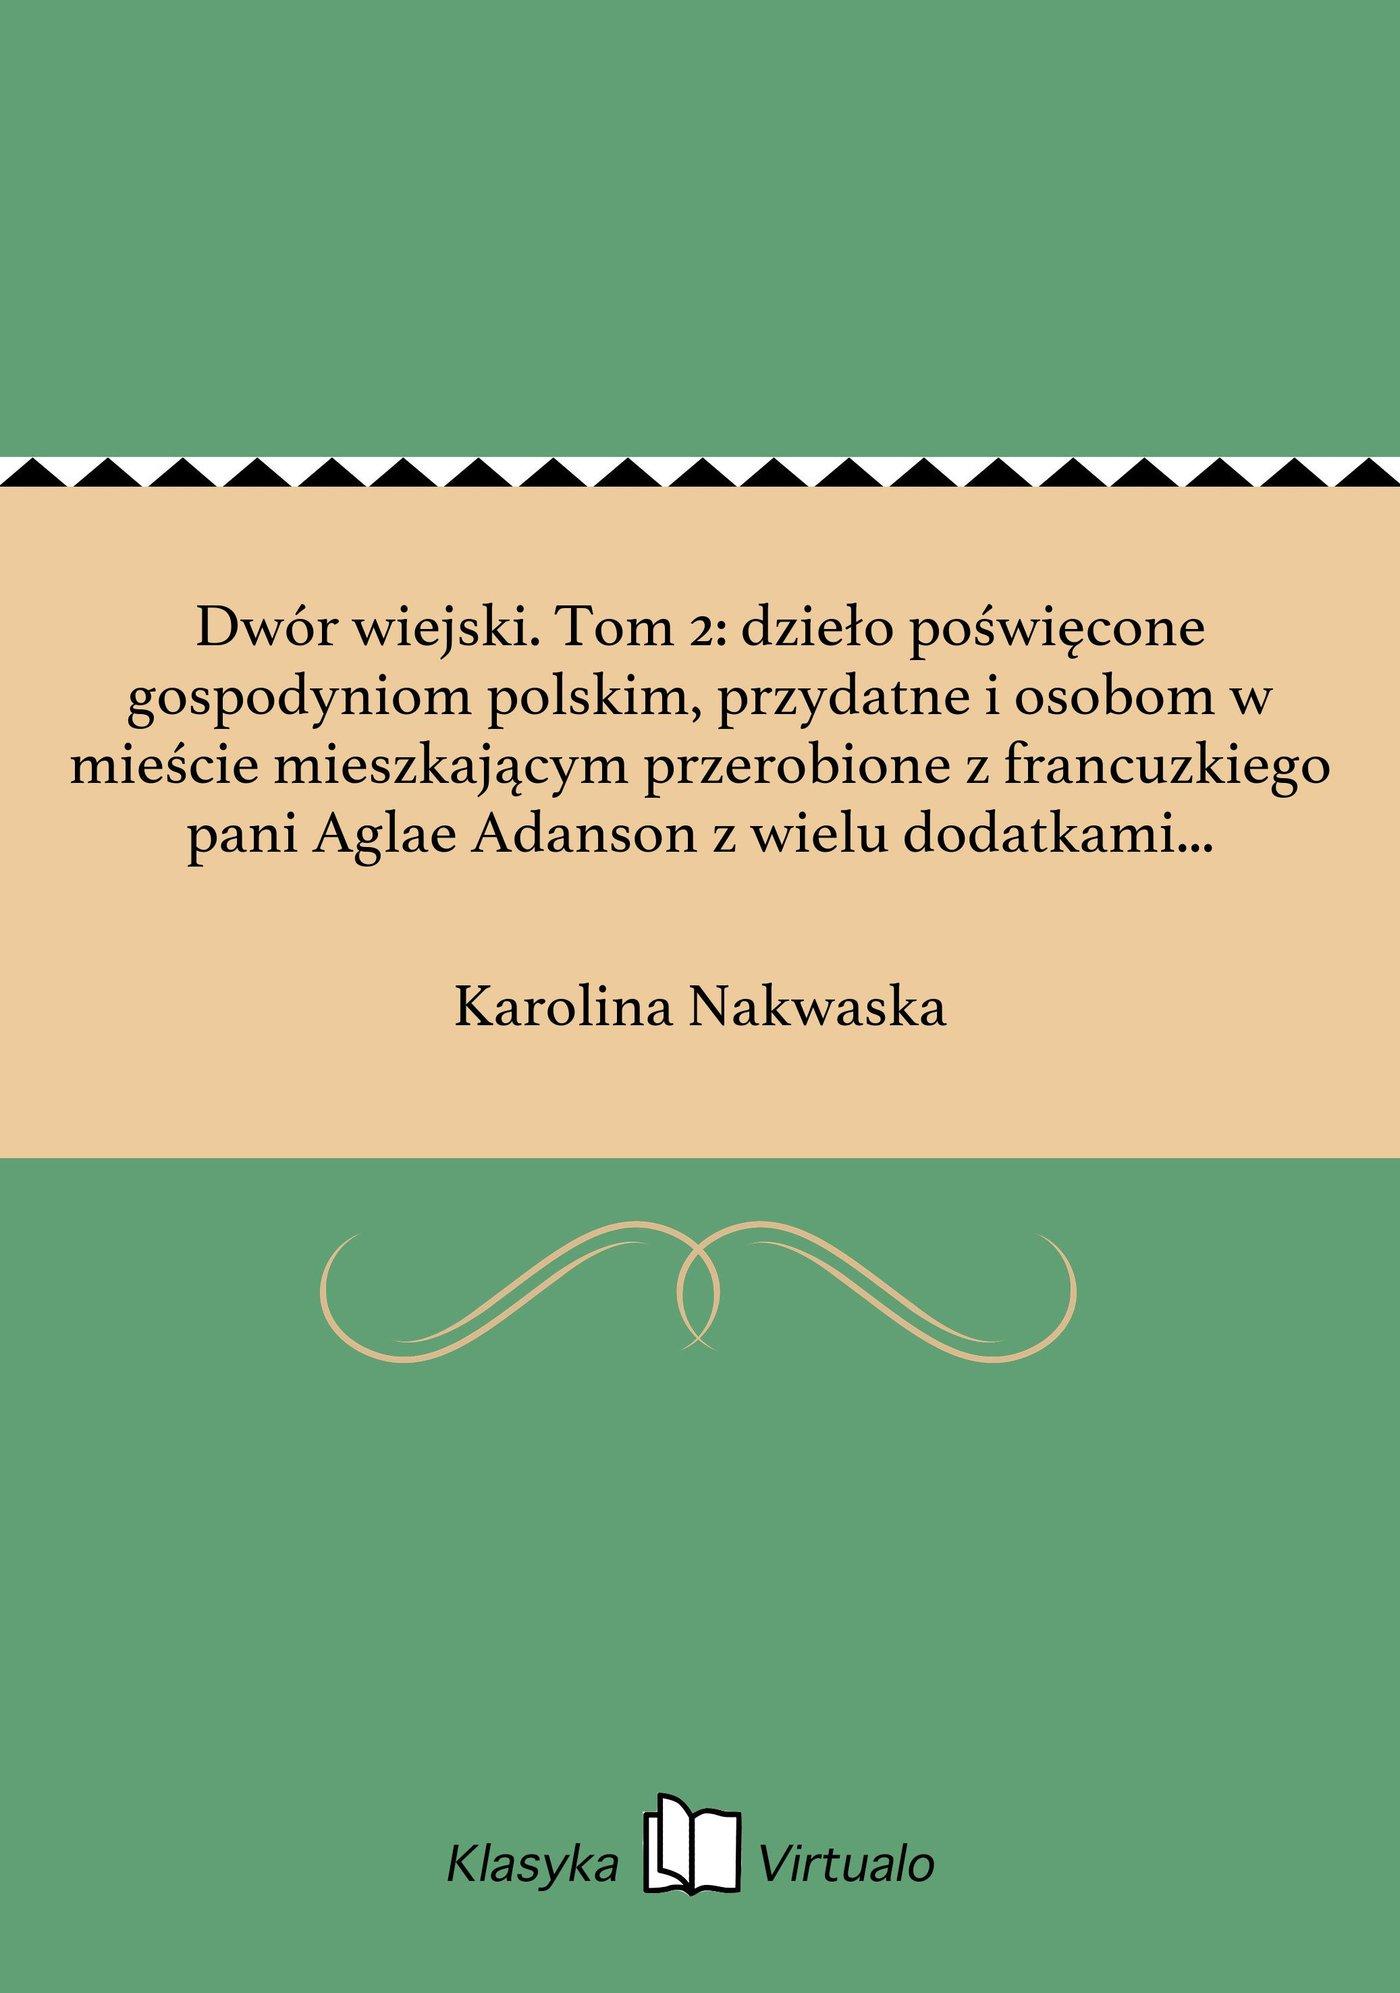 Dwór wiejski. Tom 2: dzieło poświęcone gospodyniom polskim, przydatne i osobom w mieście mieszkającym przerobione z francuzkiego pani Aglae Adanson z wielu dodatkami i zupełnem zastosowaniem do naszych obyczajów i potrzeb - Ebook (Książka na Kindle) do pobrania w formacie MOBI